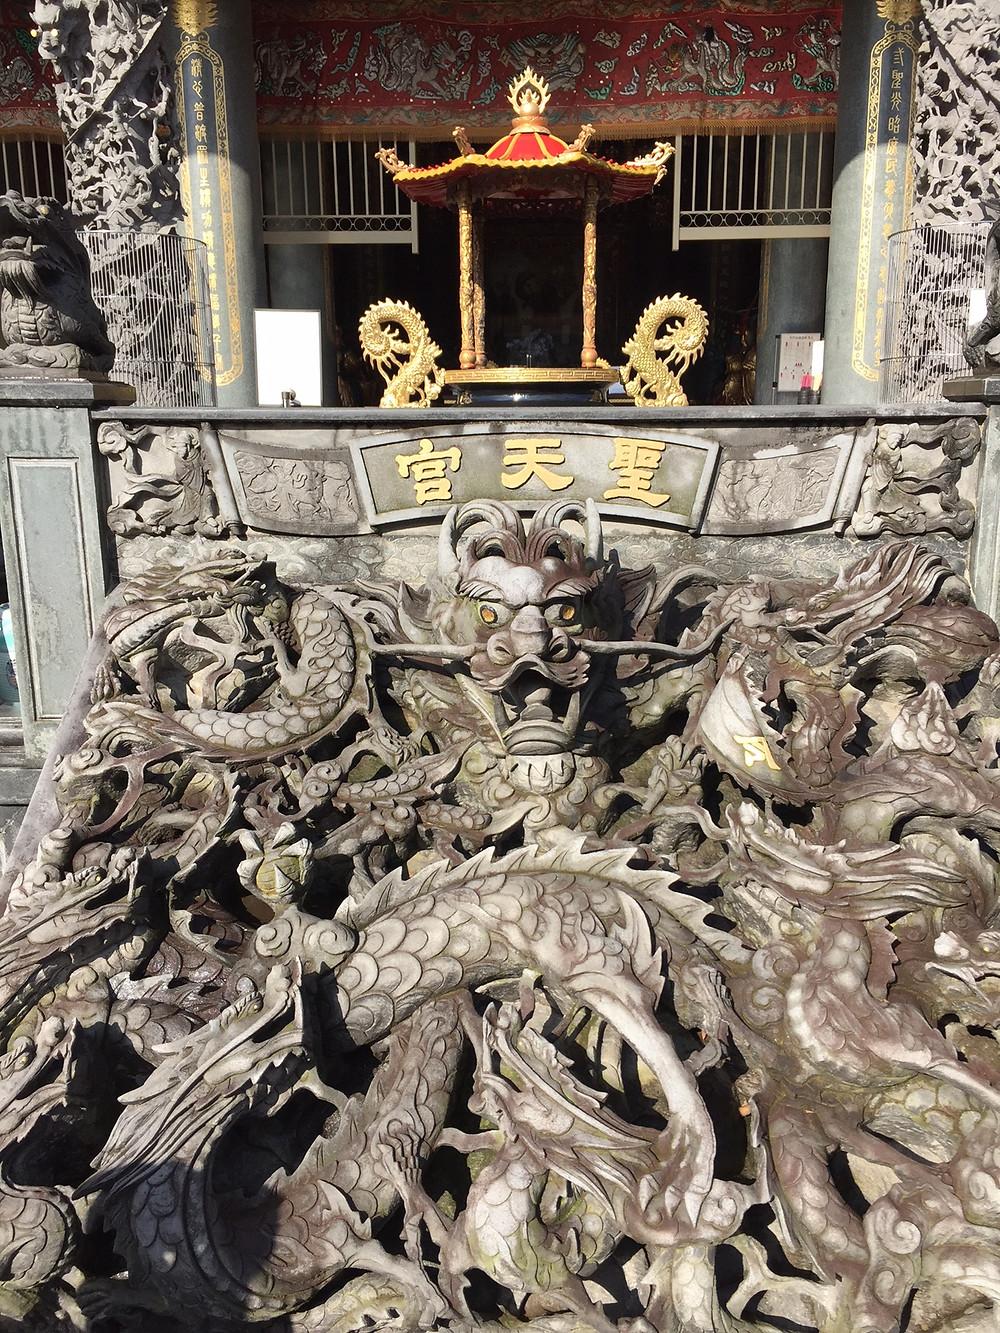 聖天宮の龍